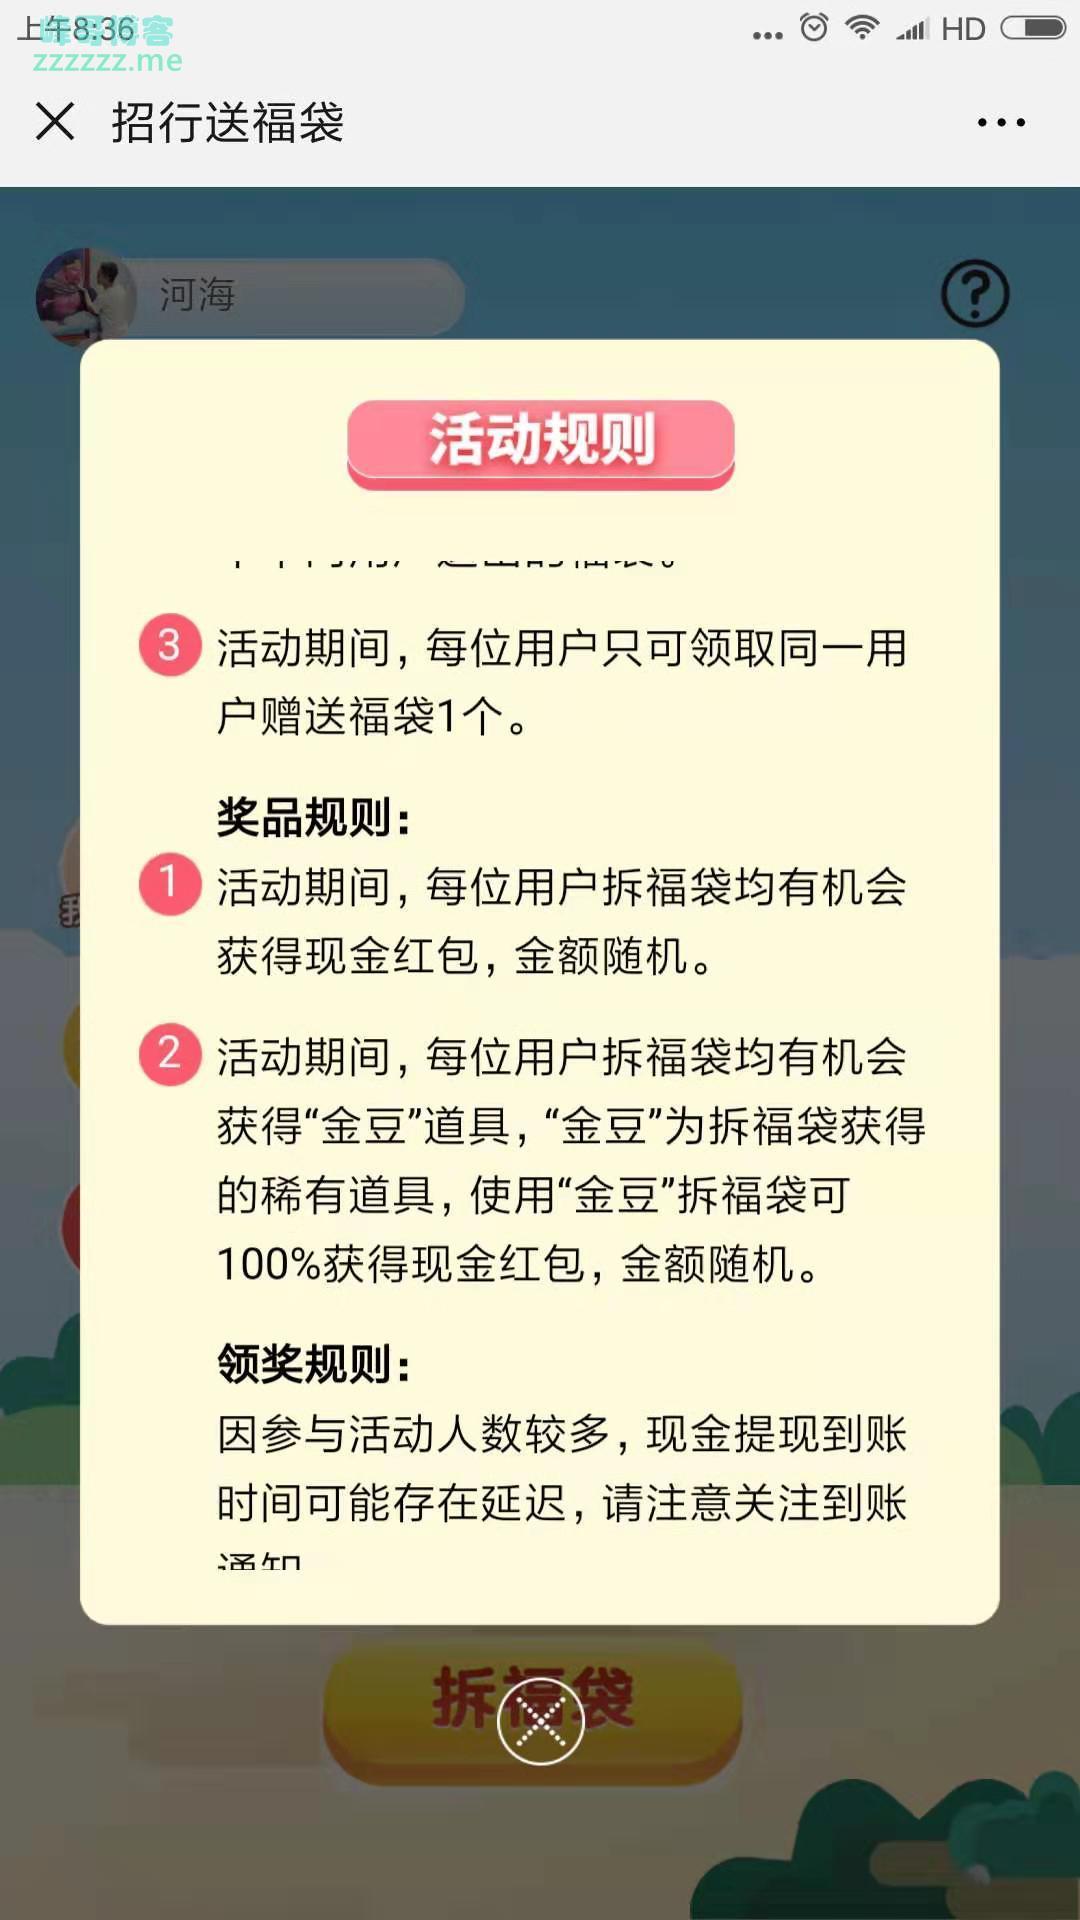 <招行>送现金福袋(截至4月8日)